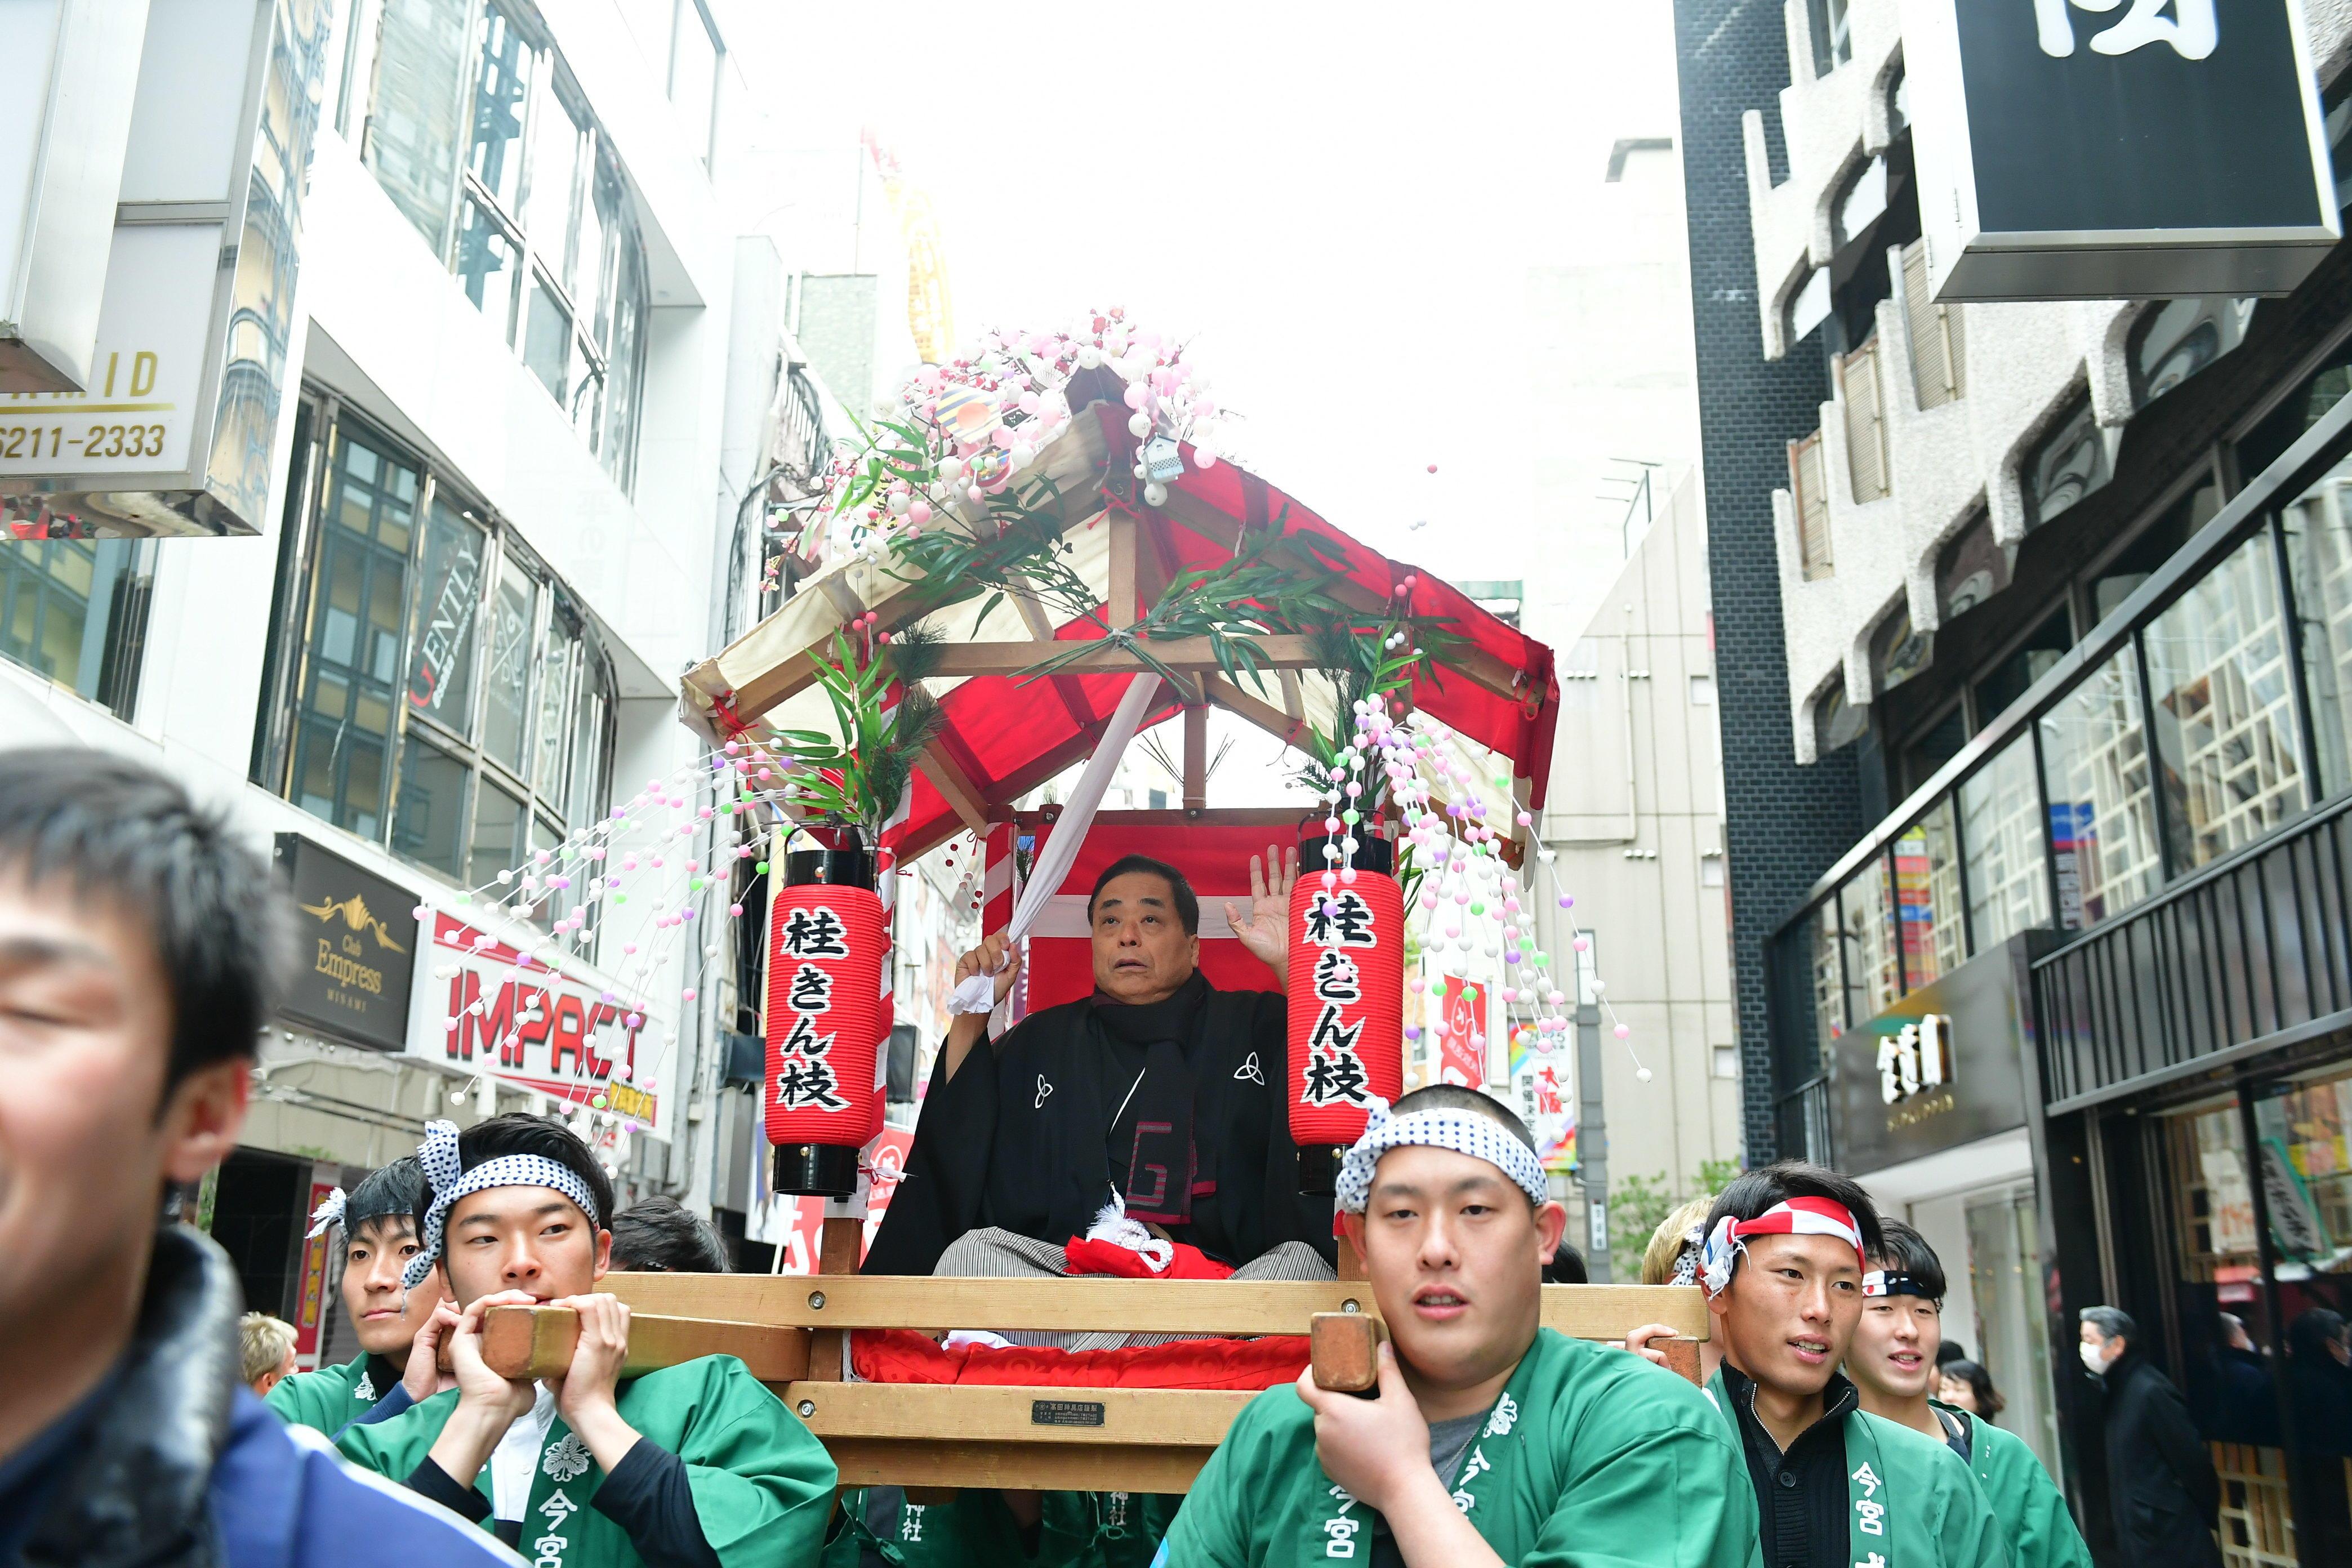 http://news.yoshimoto.co.jp/20190110195252-c55735f0249d9d6289f80d6424c7e99a9210c0c7.jpg